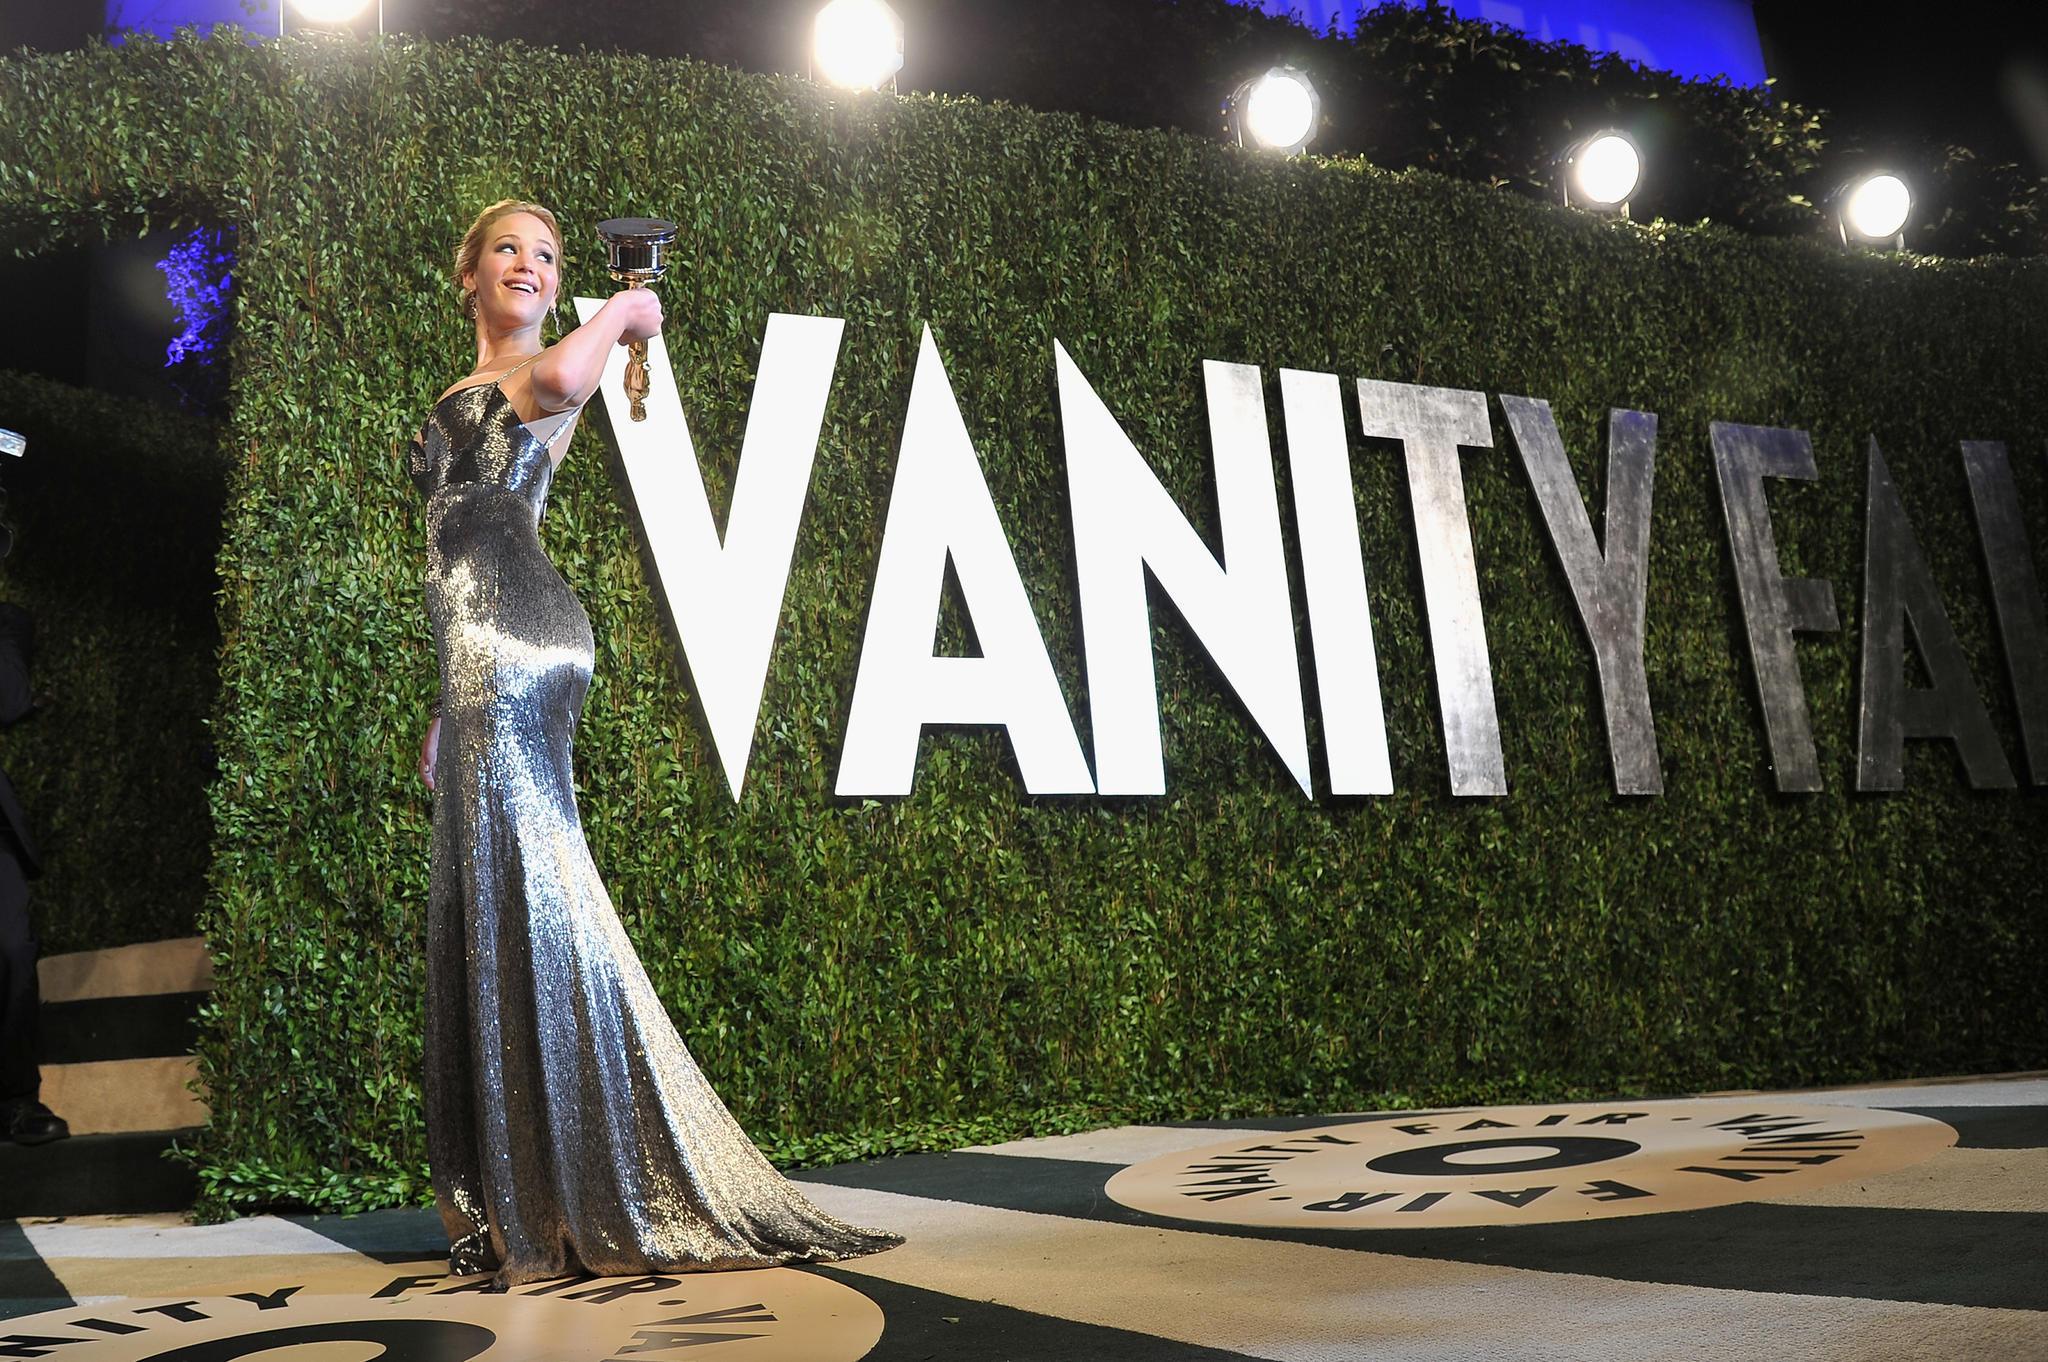 """Jennifer Lawrence zeigt stolz ihren Oscar in die Kamera, bevor es zur """"Vanity Fair""""-Party geht."""